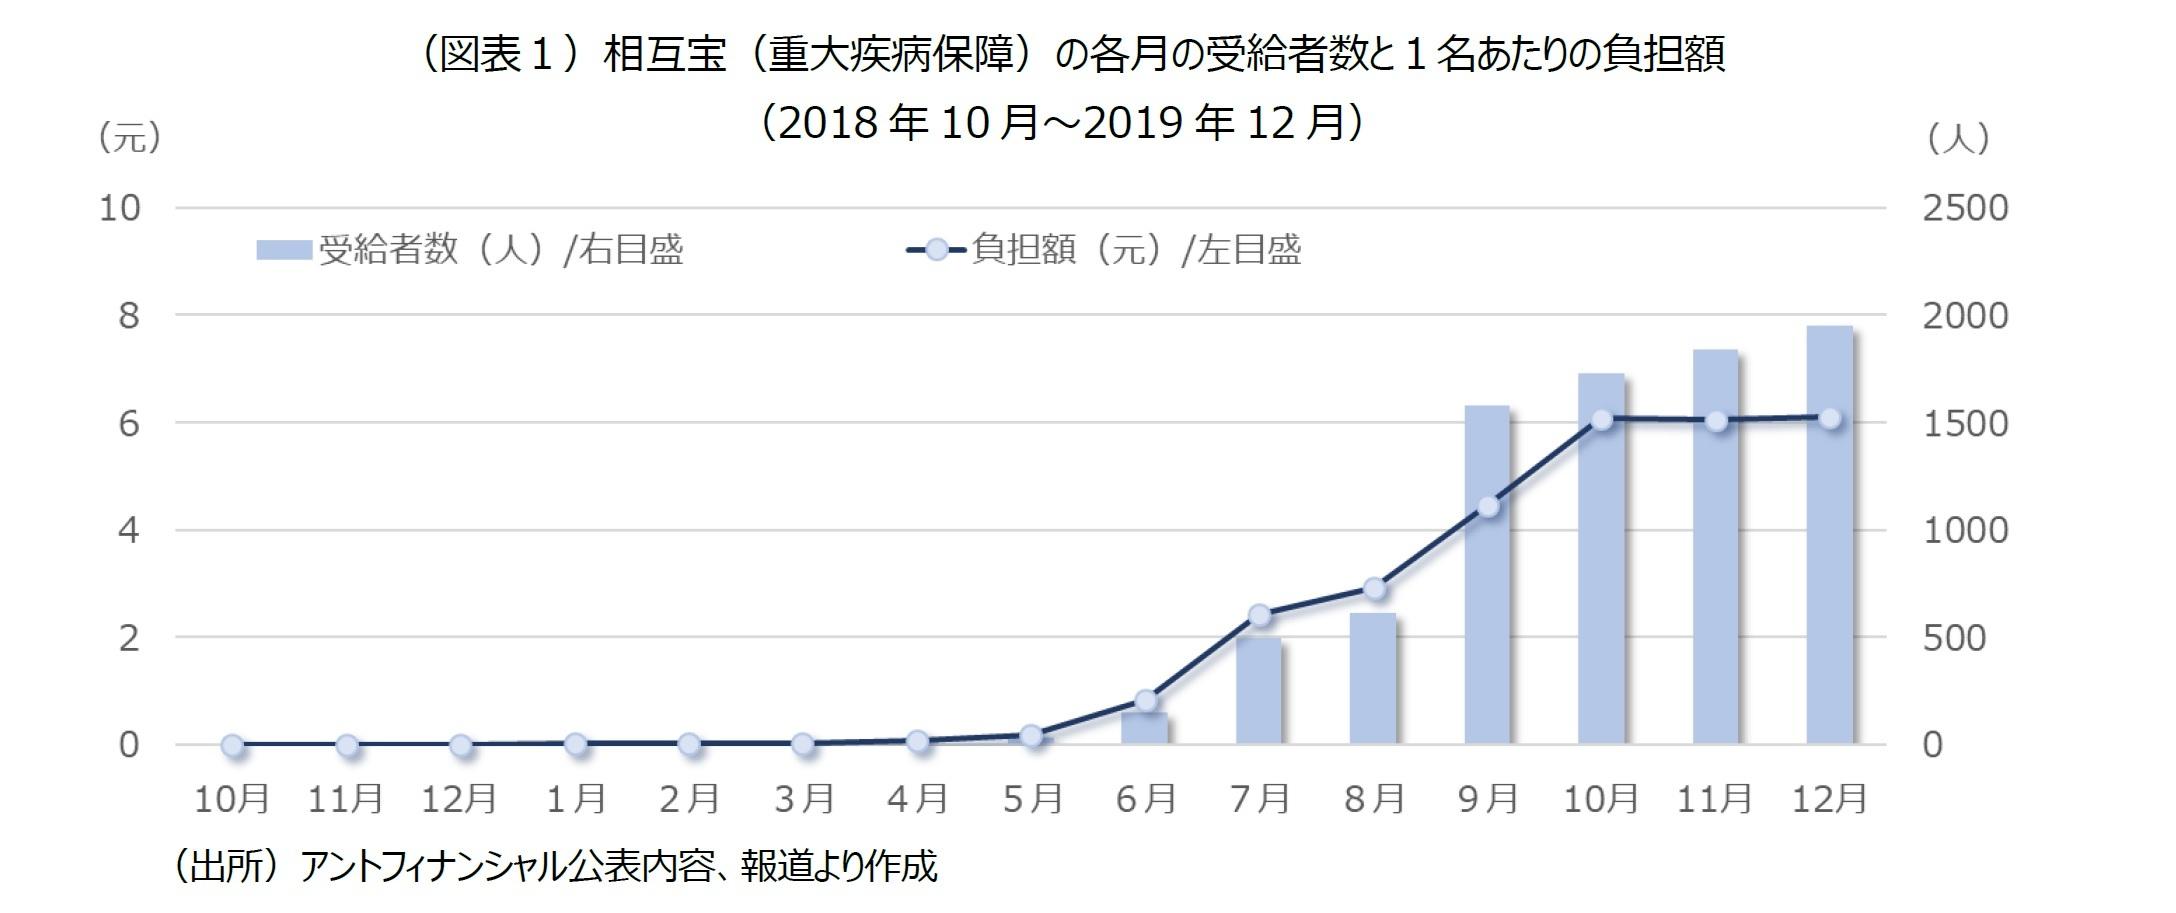 (図表1)相互宝(重大疾病保障)の各月の受給者数と1名あたりの負担額(2018年10月~2019年12月)